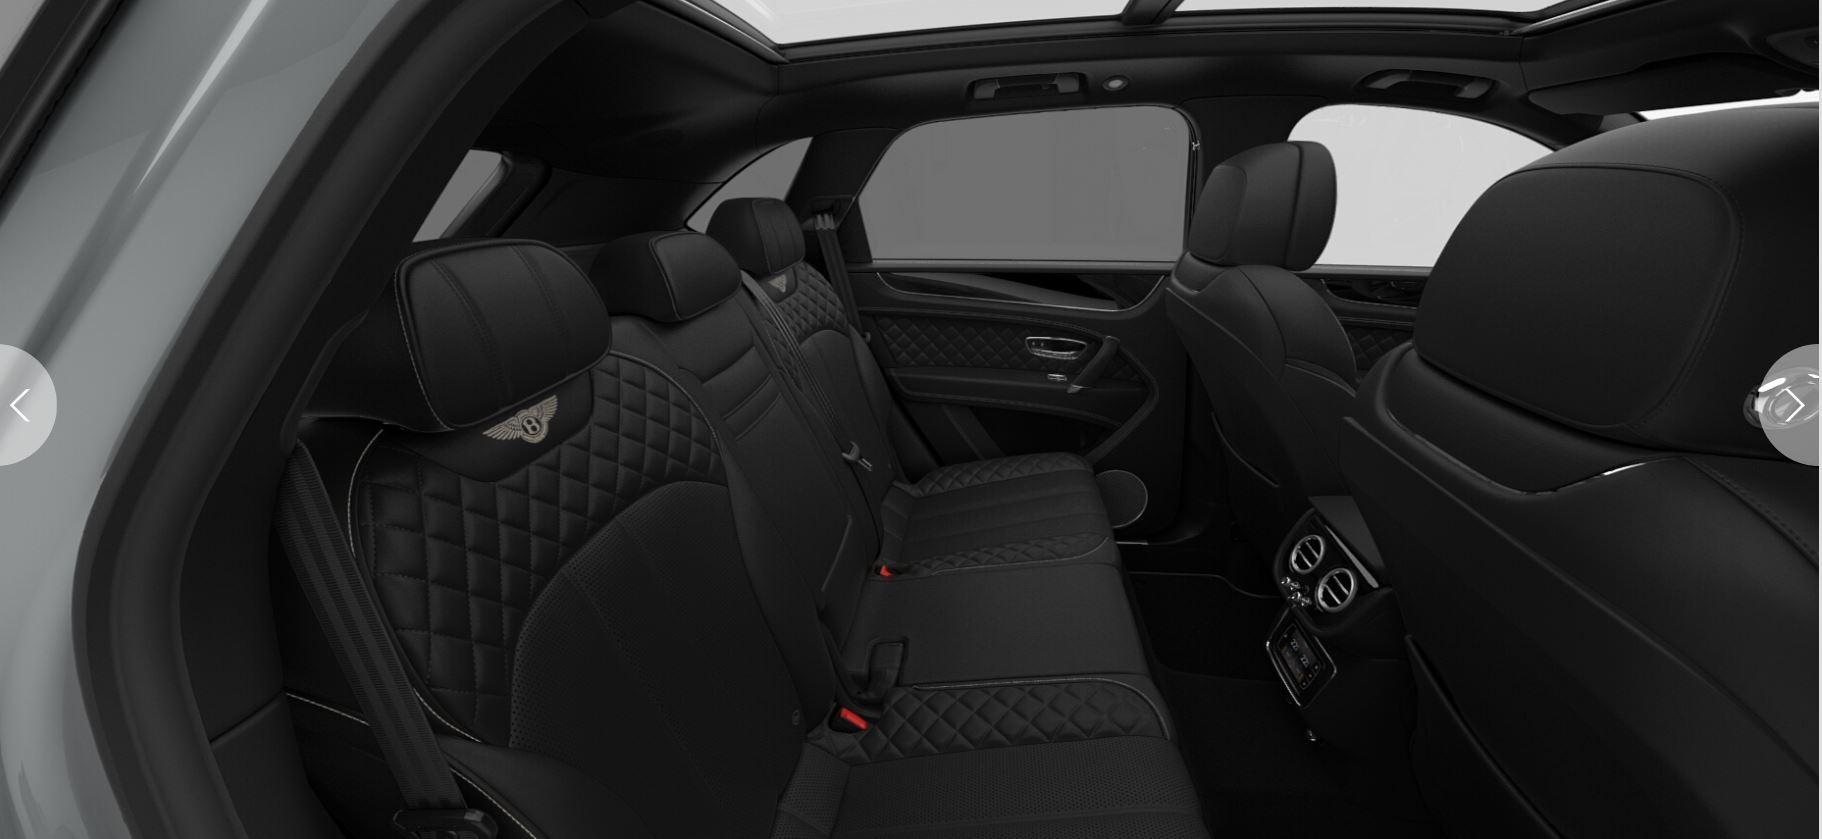 Used 2018 Bentley Bentayga Signature For Sale In Westport, CT 2094_p8